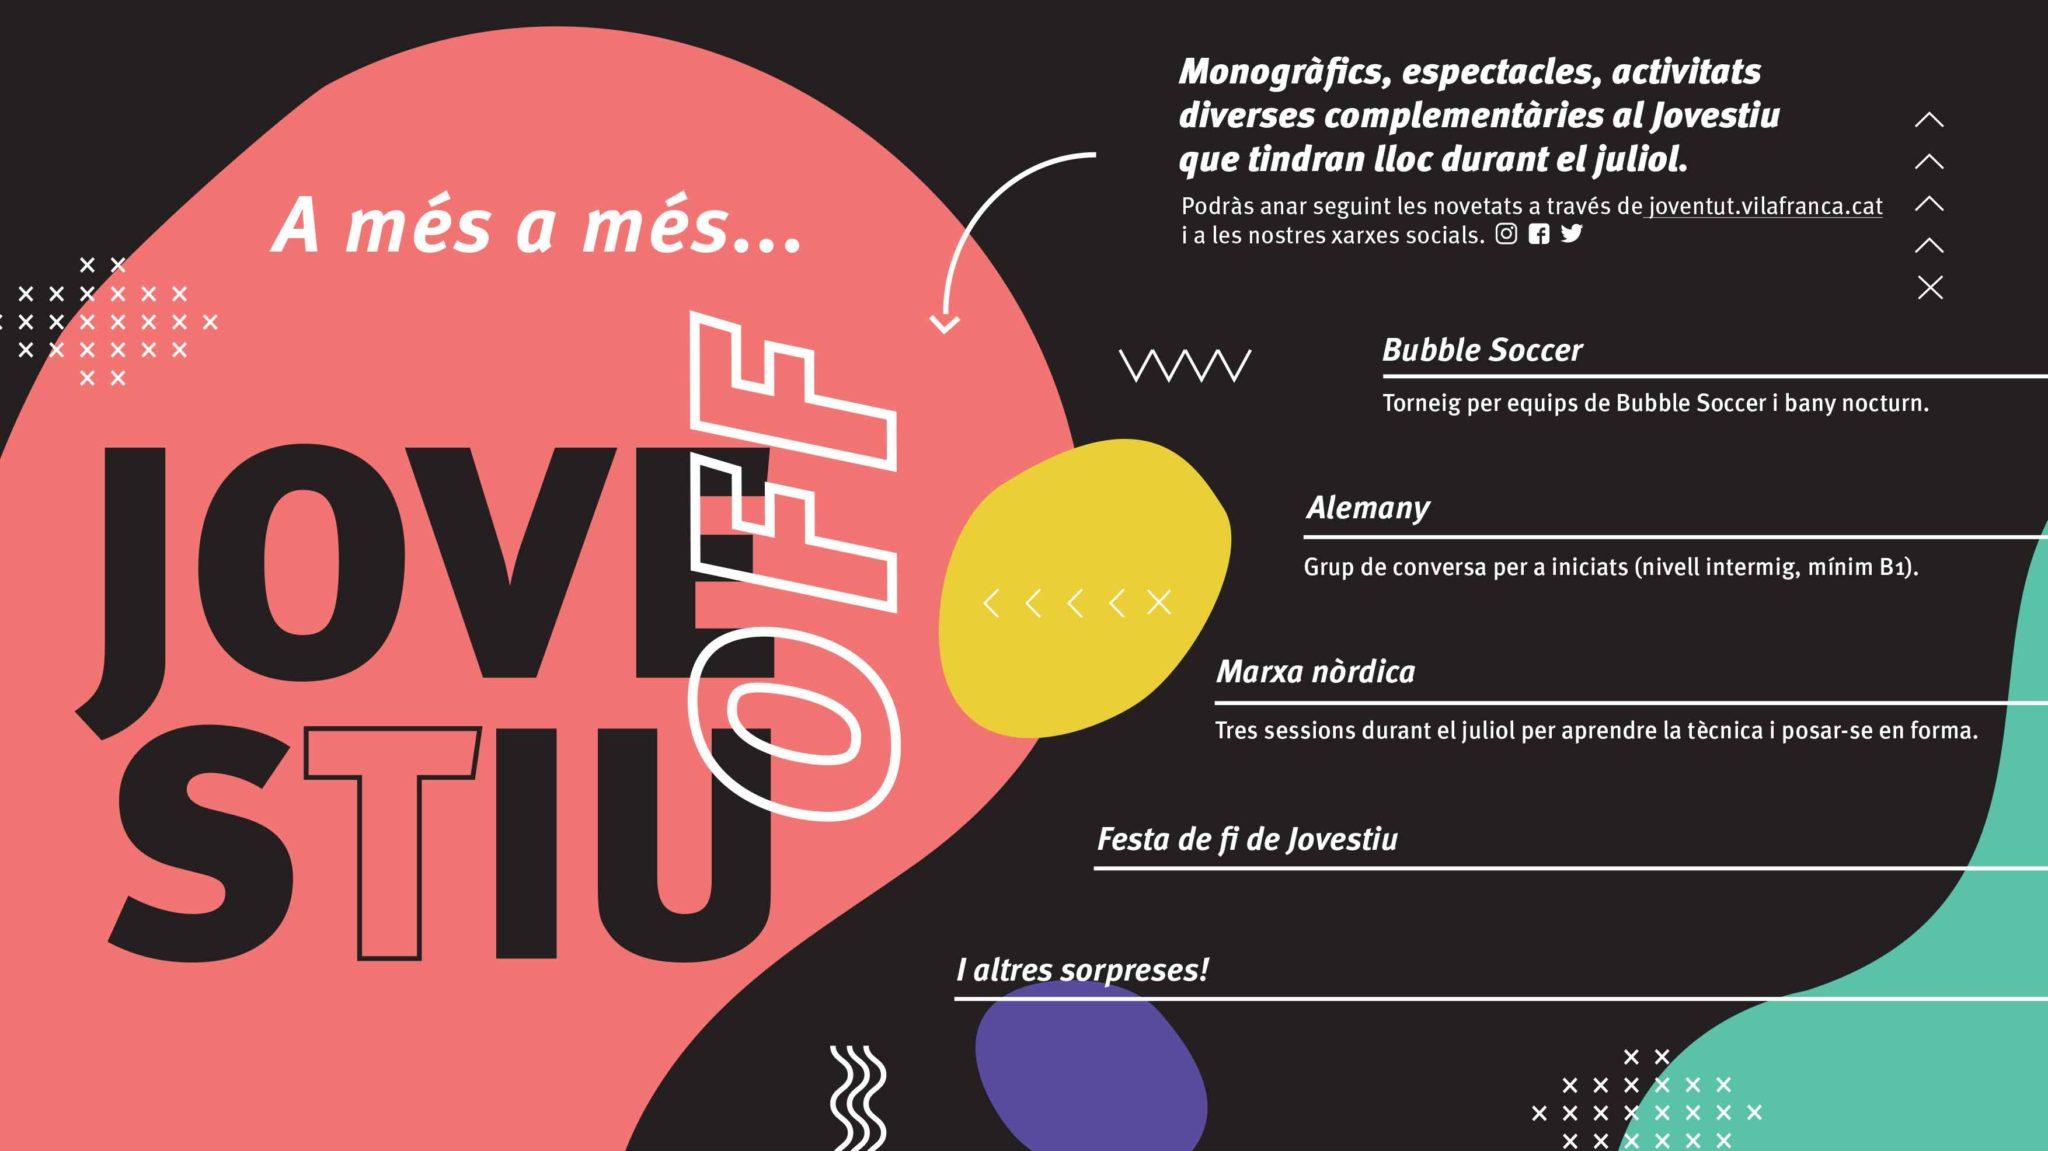 Programacio-Jovestiu-OFF-Disculpi-Studio-Vilafranca-del-Penedes